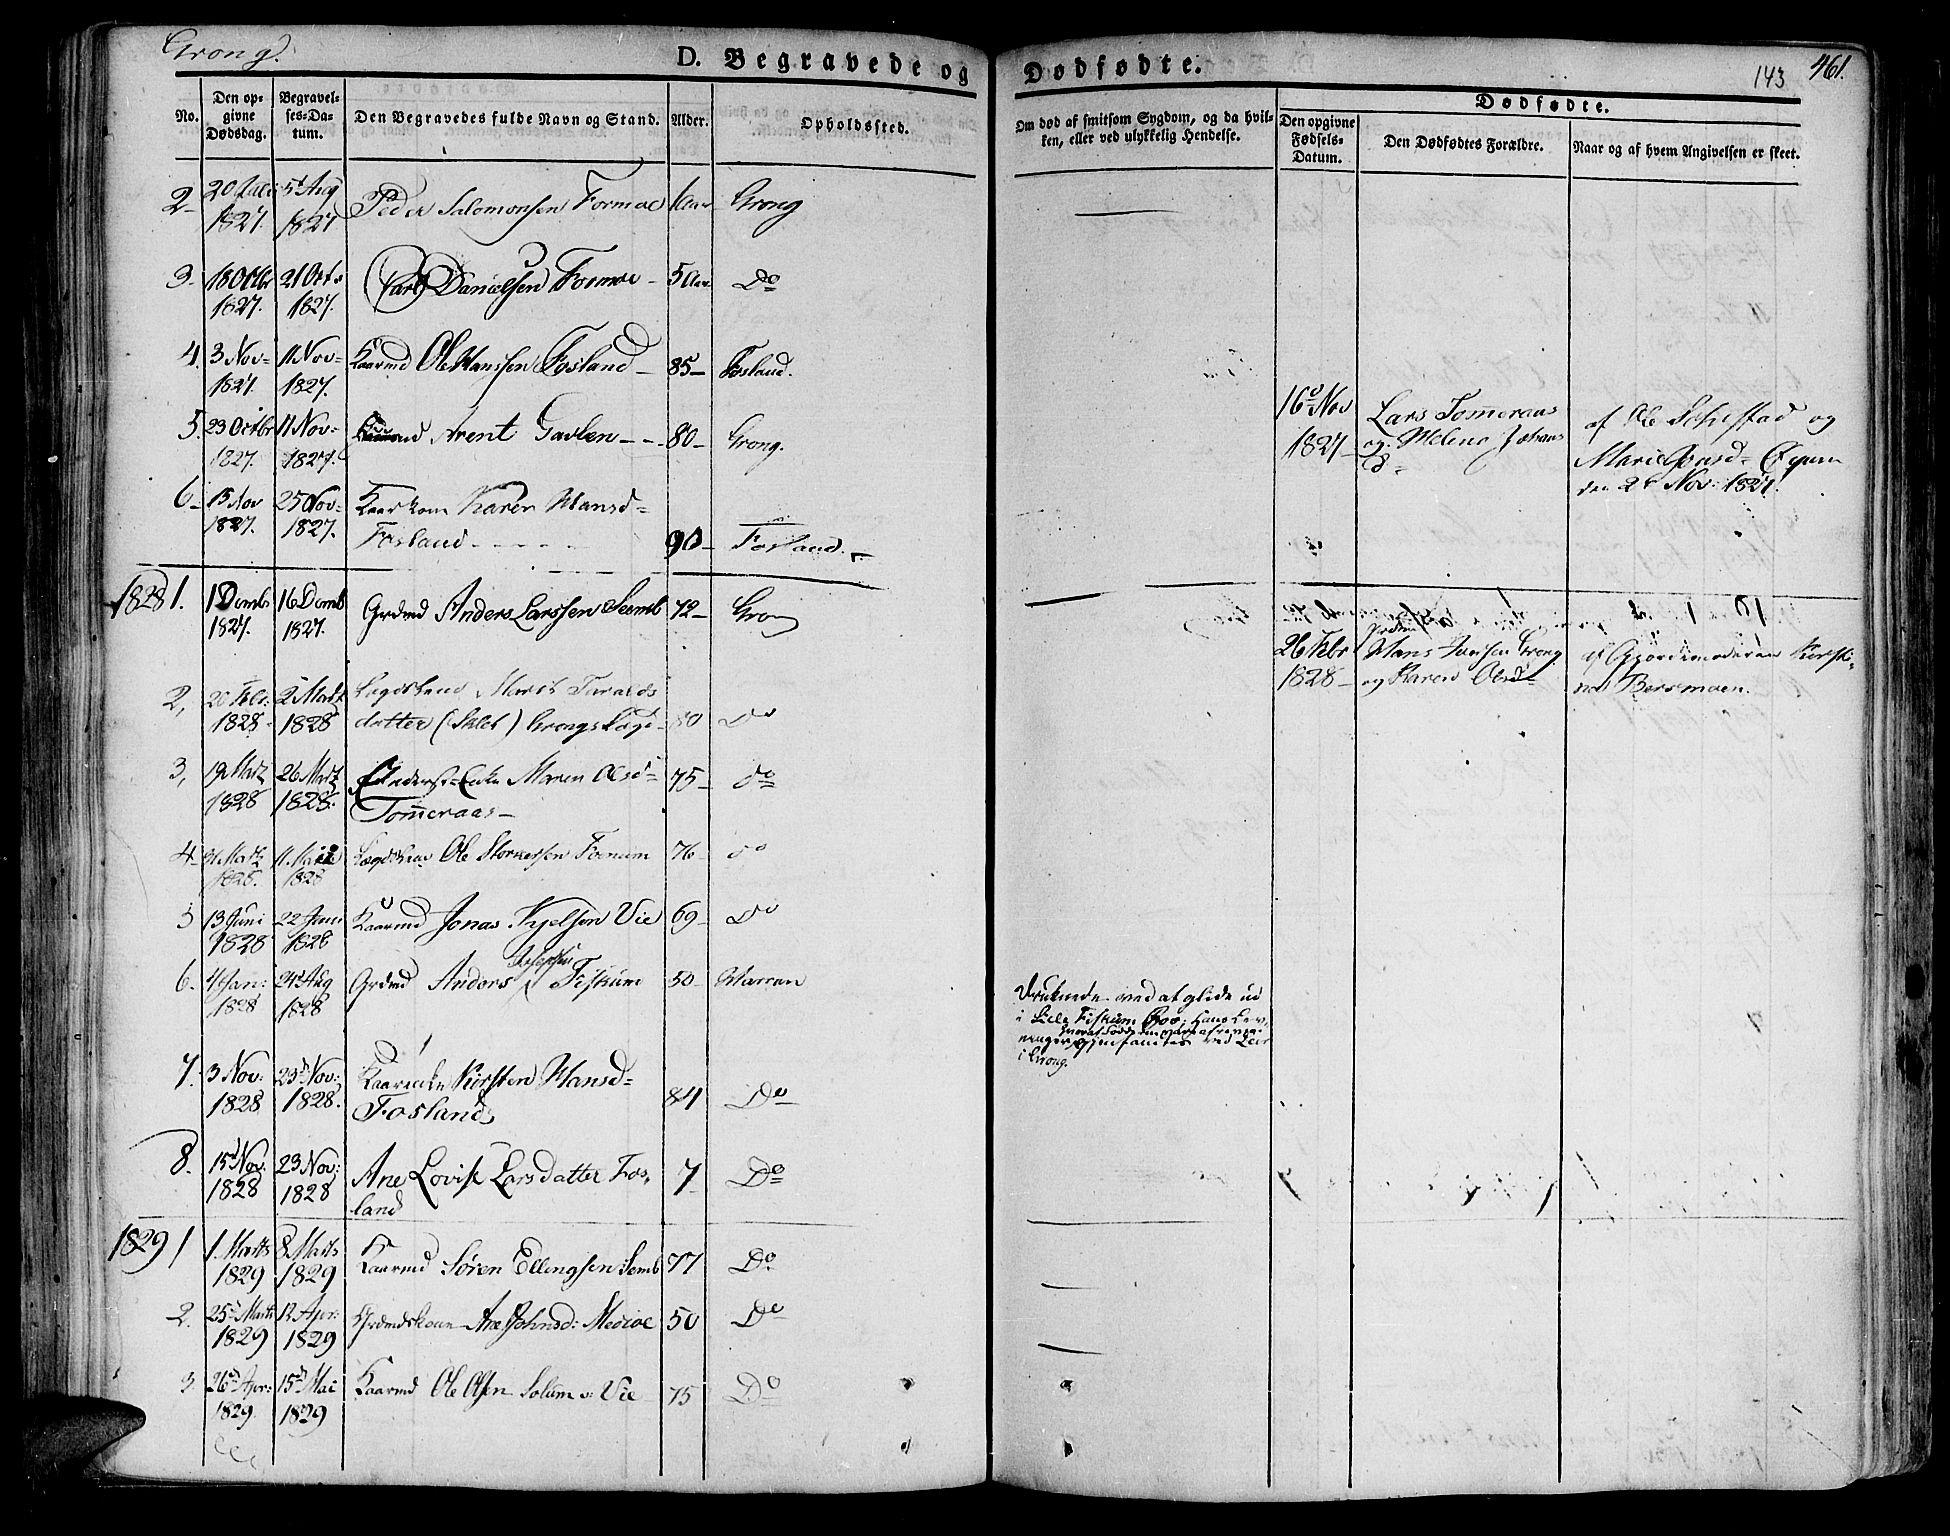 SAT, Ministerialprotokoller, klokkerbøker og fødselsregistre - Nord-Trøndelag, 758/L0510: Ministerialbok nr. 758A01 /1, 1821-1841, s. 143